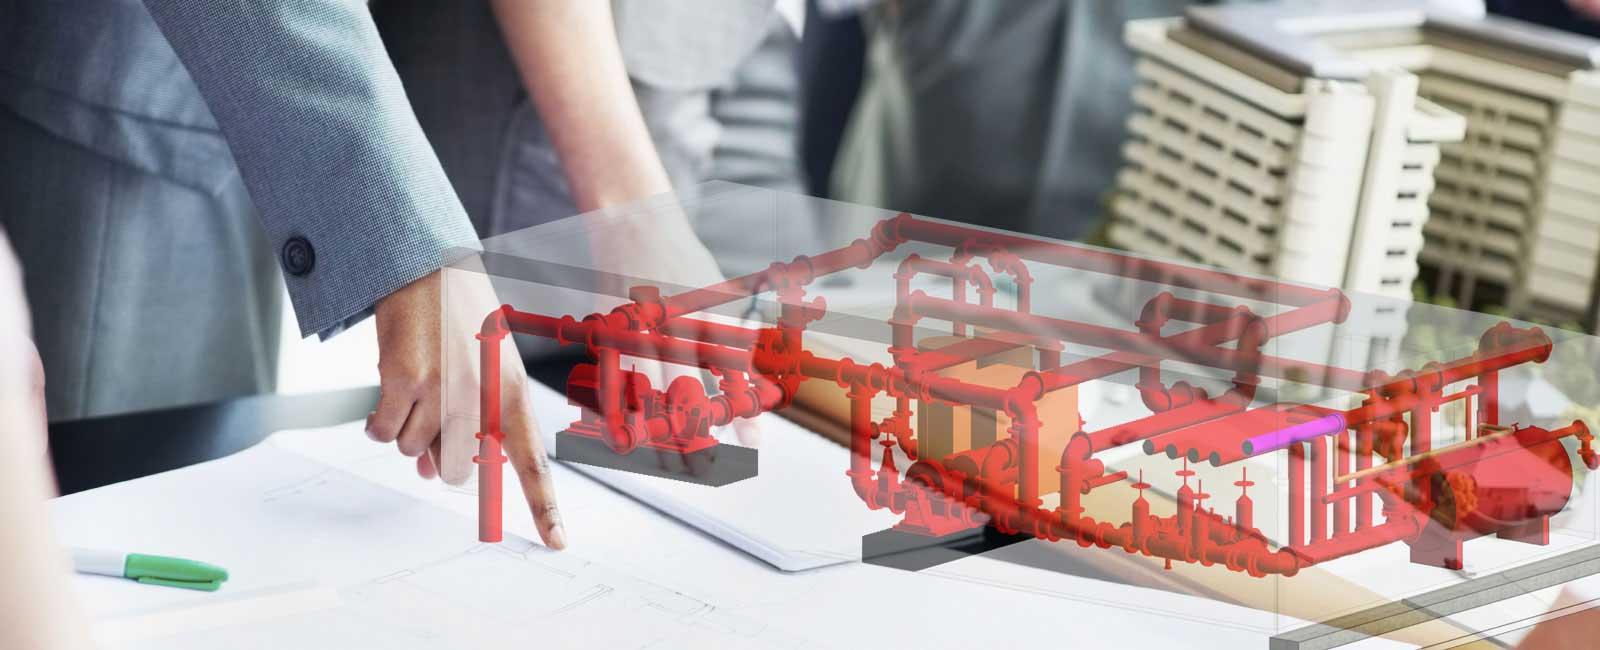 Những điểm cần chú ý khi thiết kế hệ thống phòng cháy chữa cháy